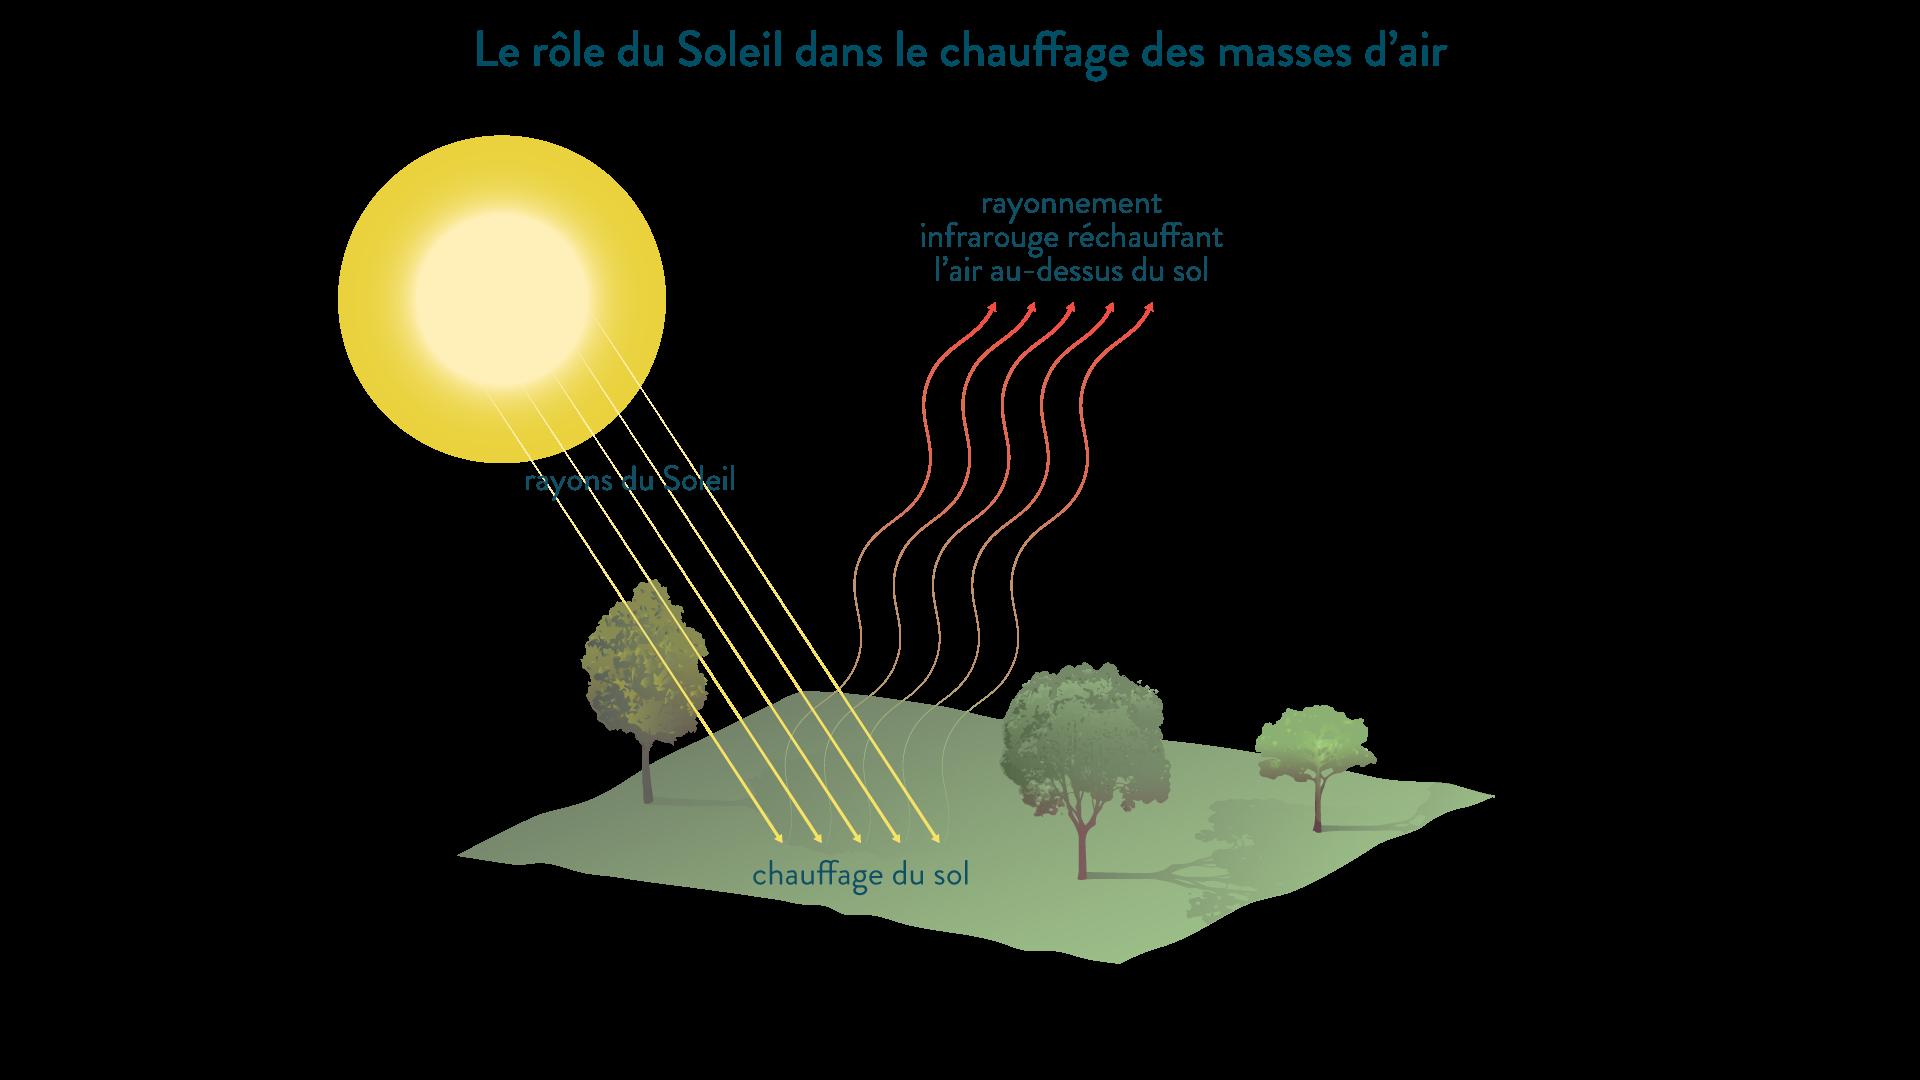 Le rôle du Soleil dans le chauffage des masses d'air